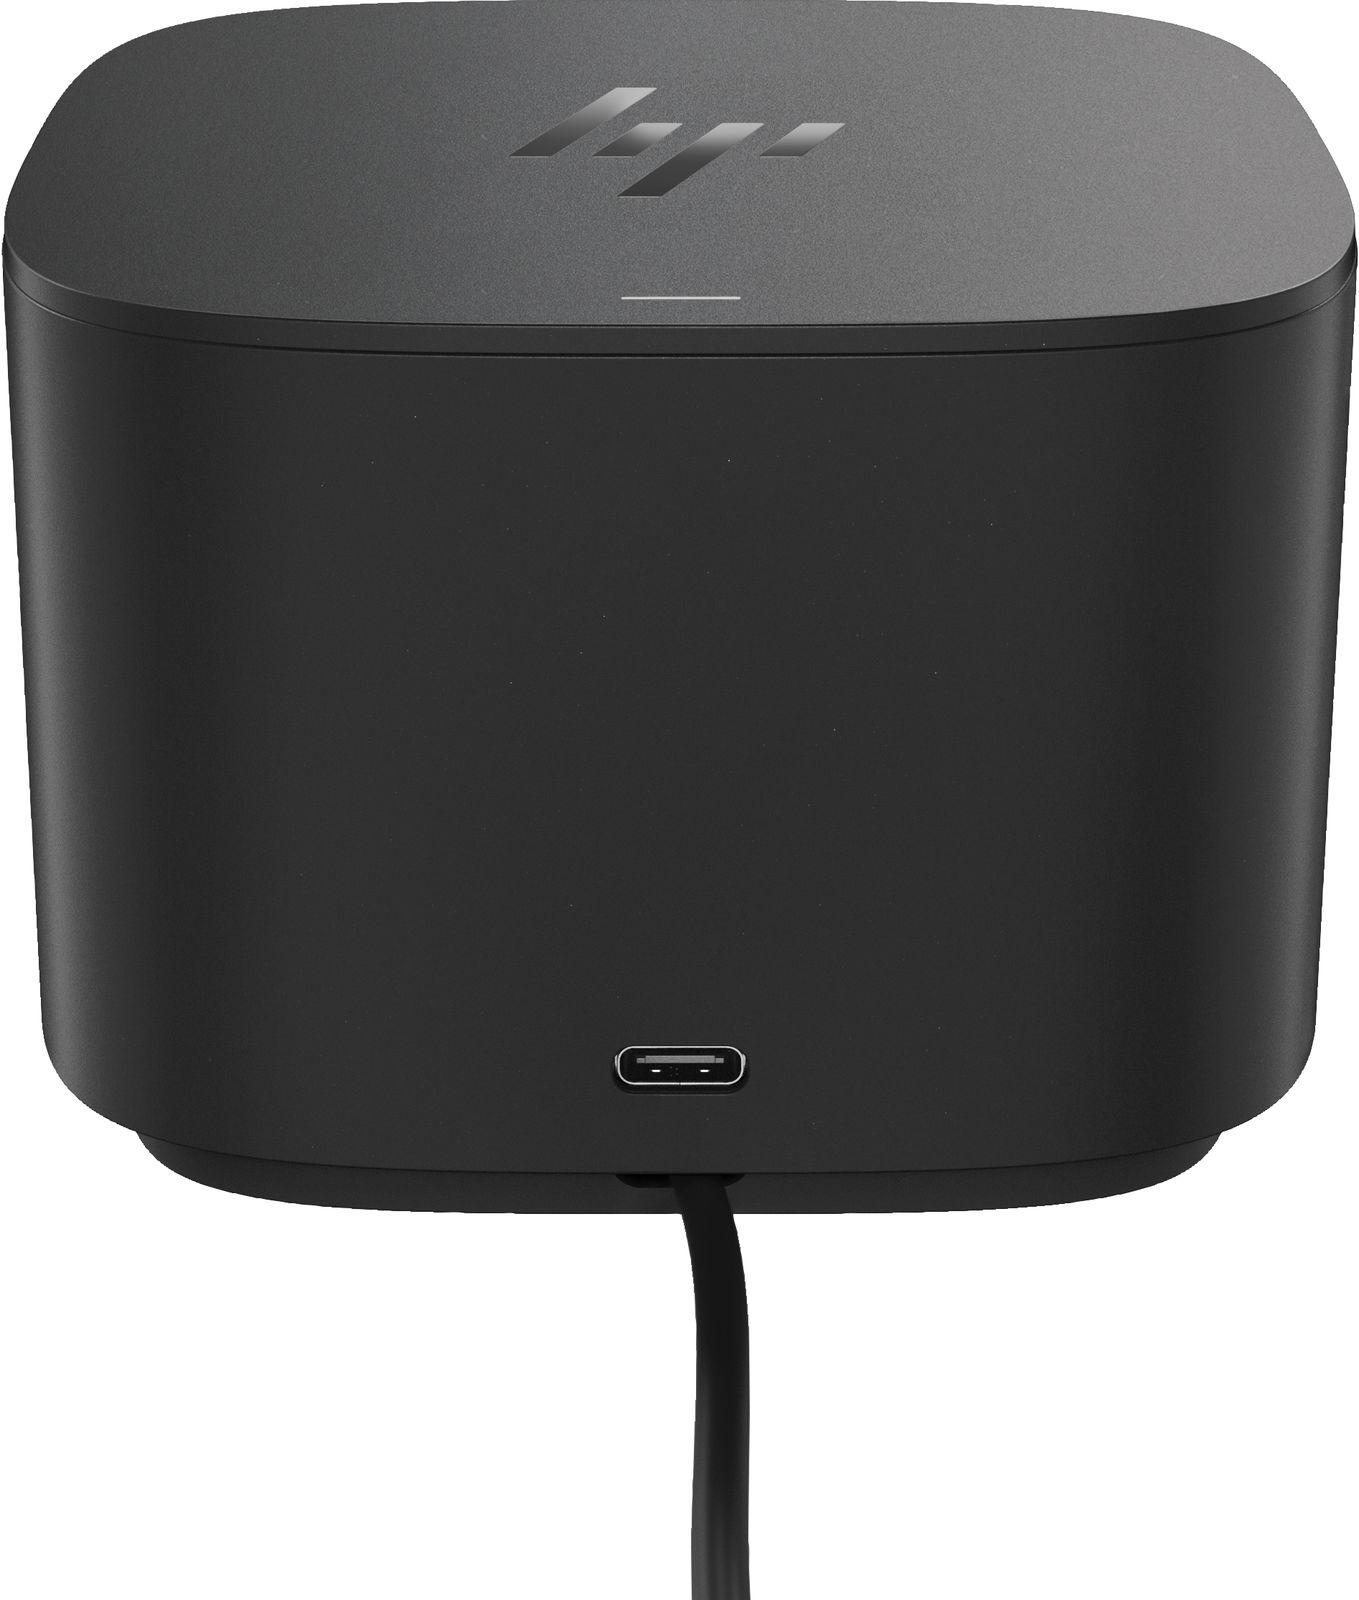 HP 120W Thunderbolt Dock 6HP48AA, Wired, USB 3.2 Gen 1  W125778709 - eet01